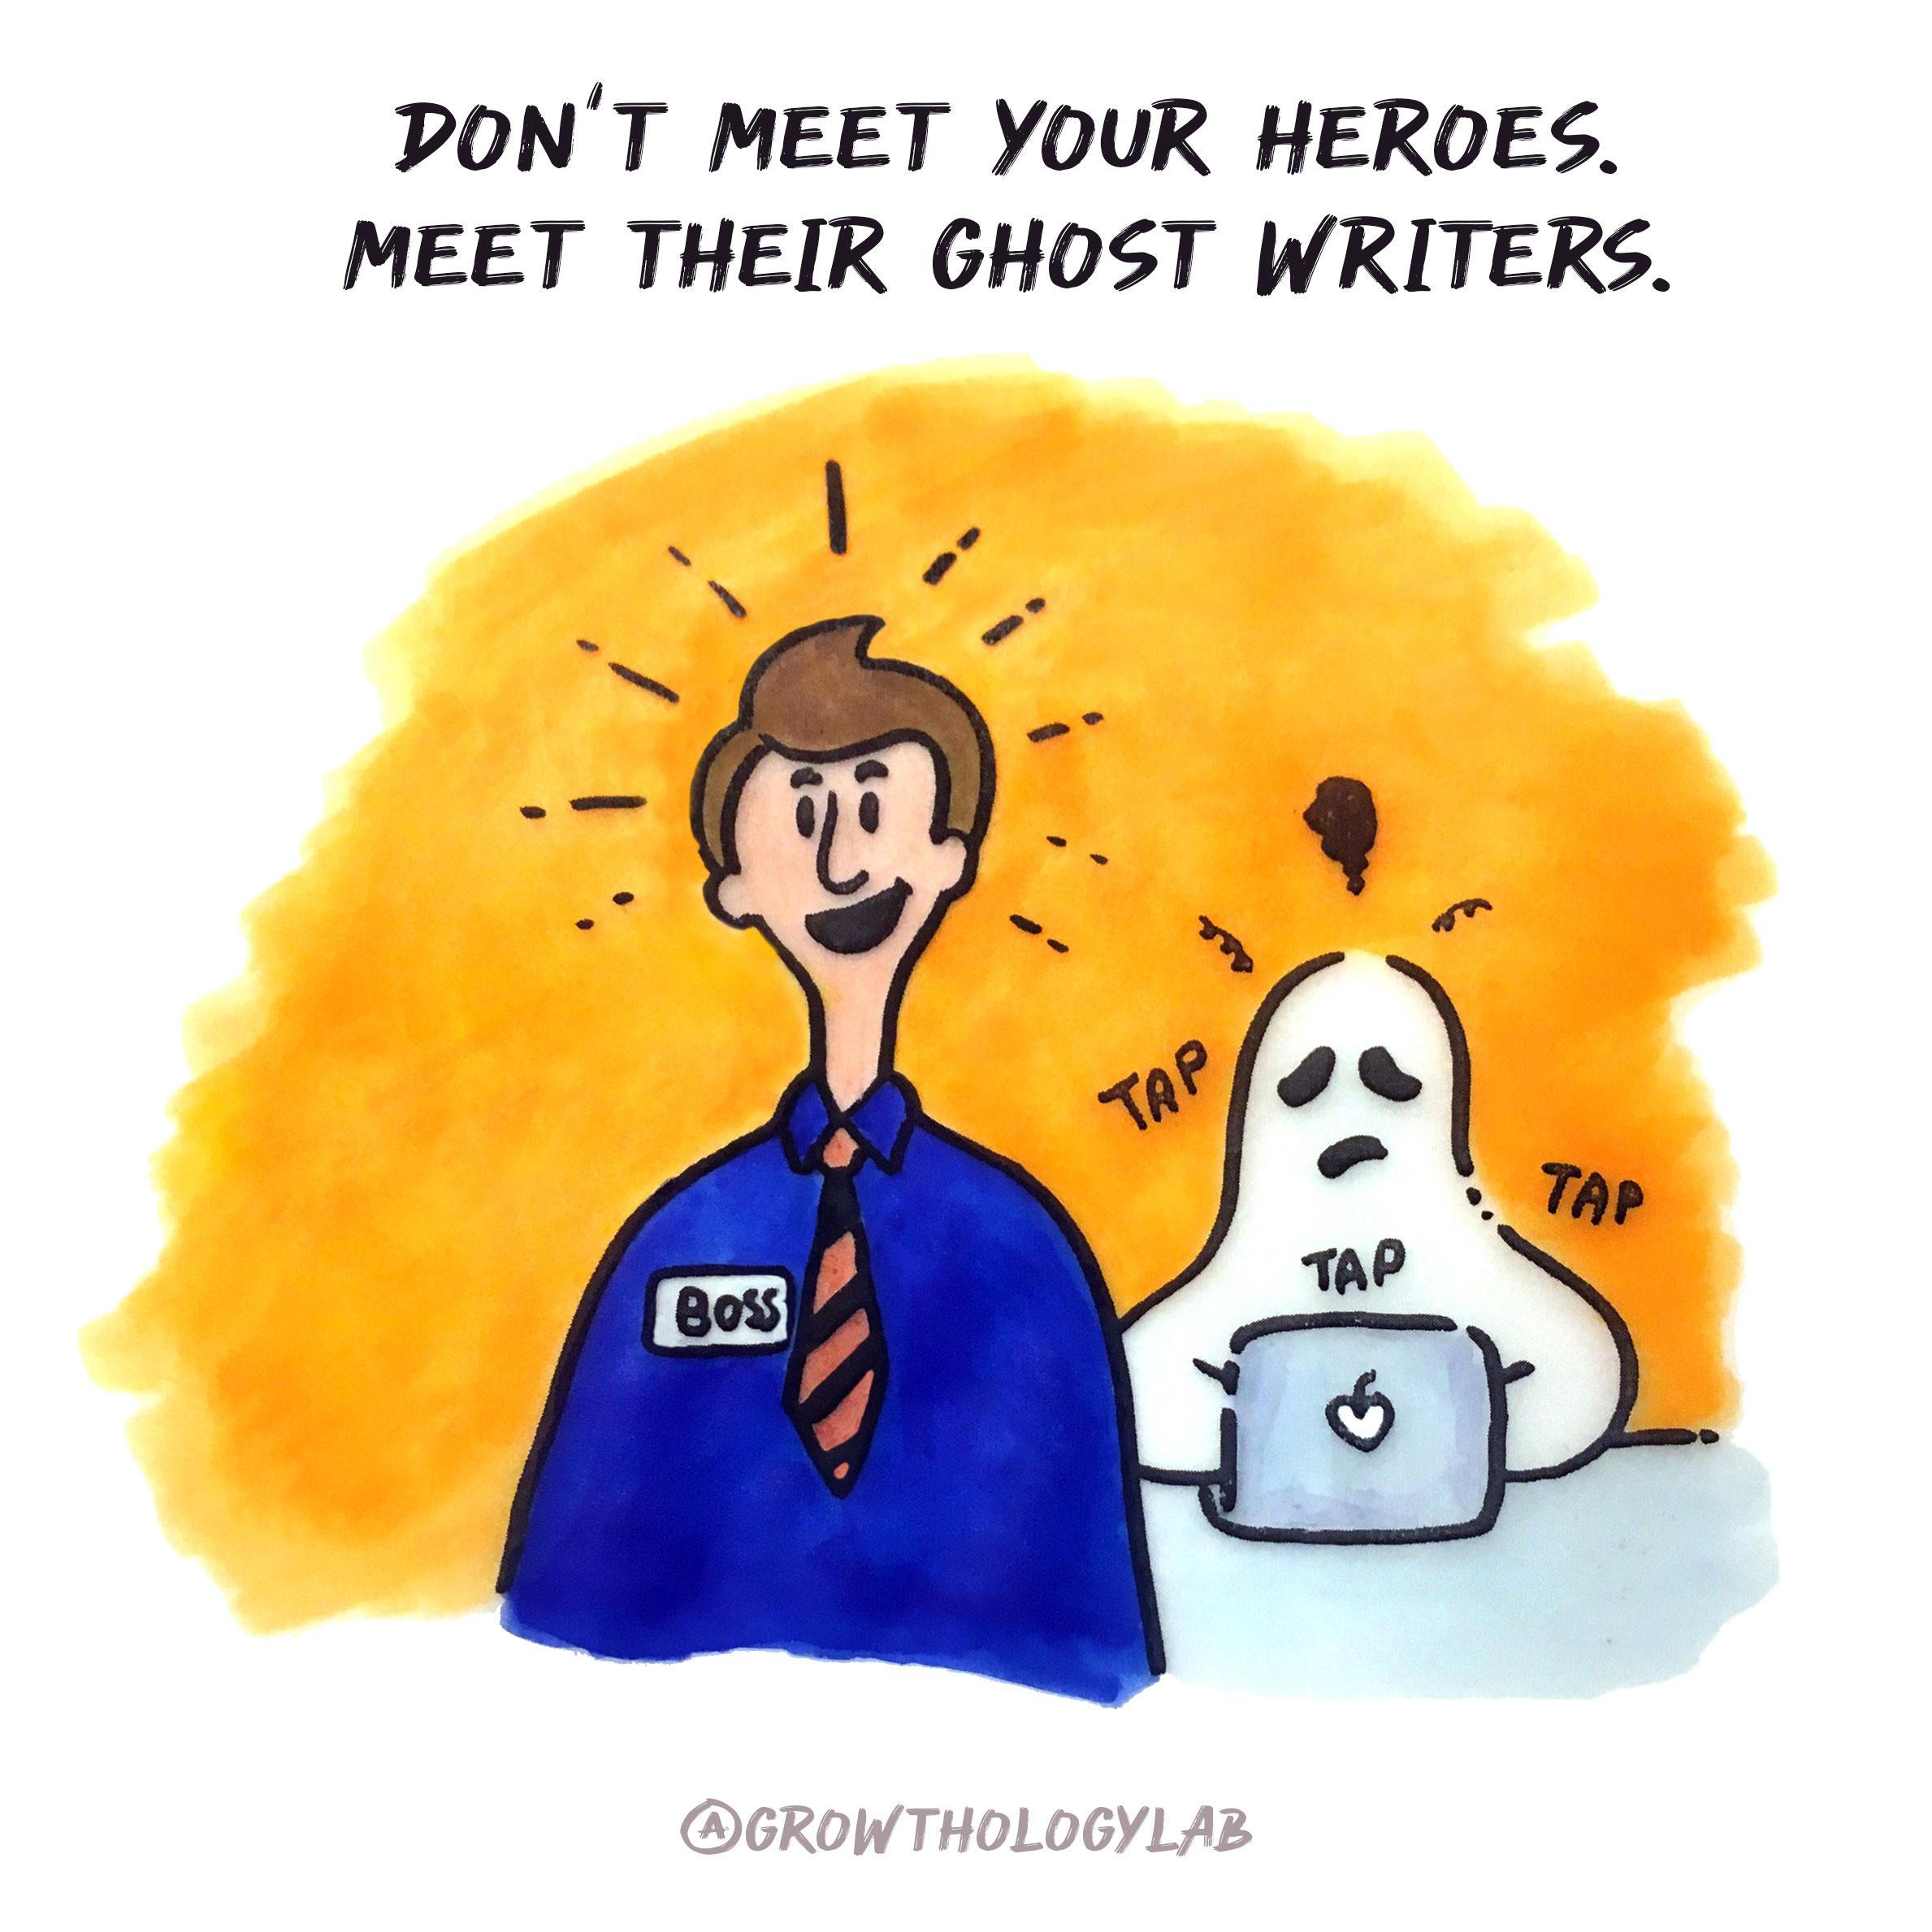 ghostwriters.jpg